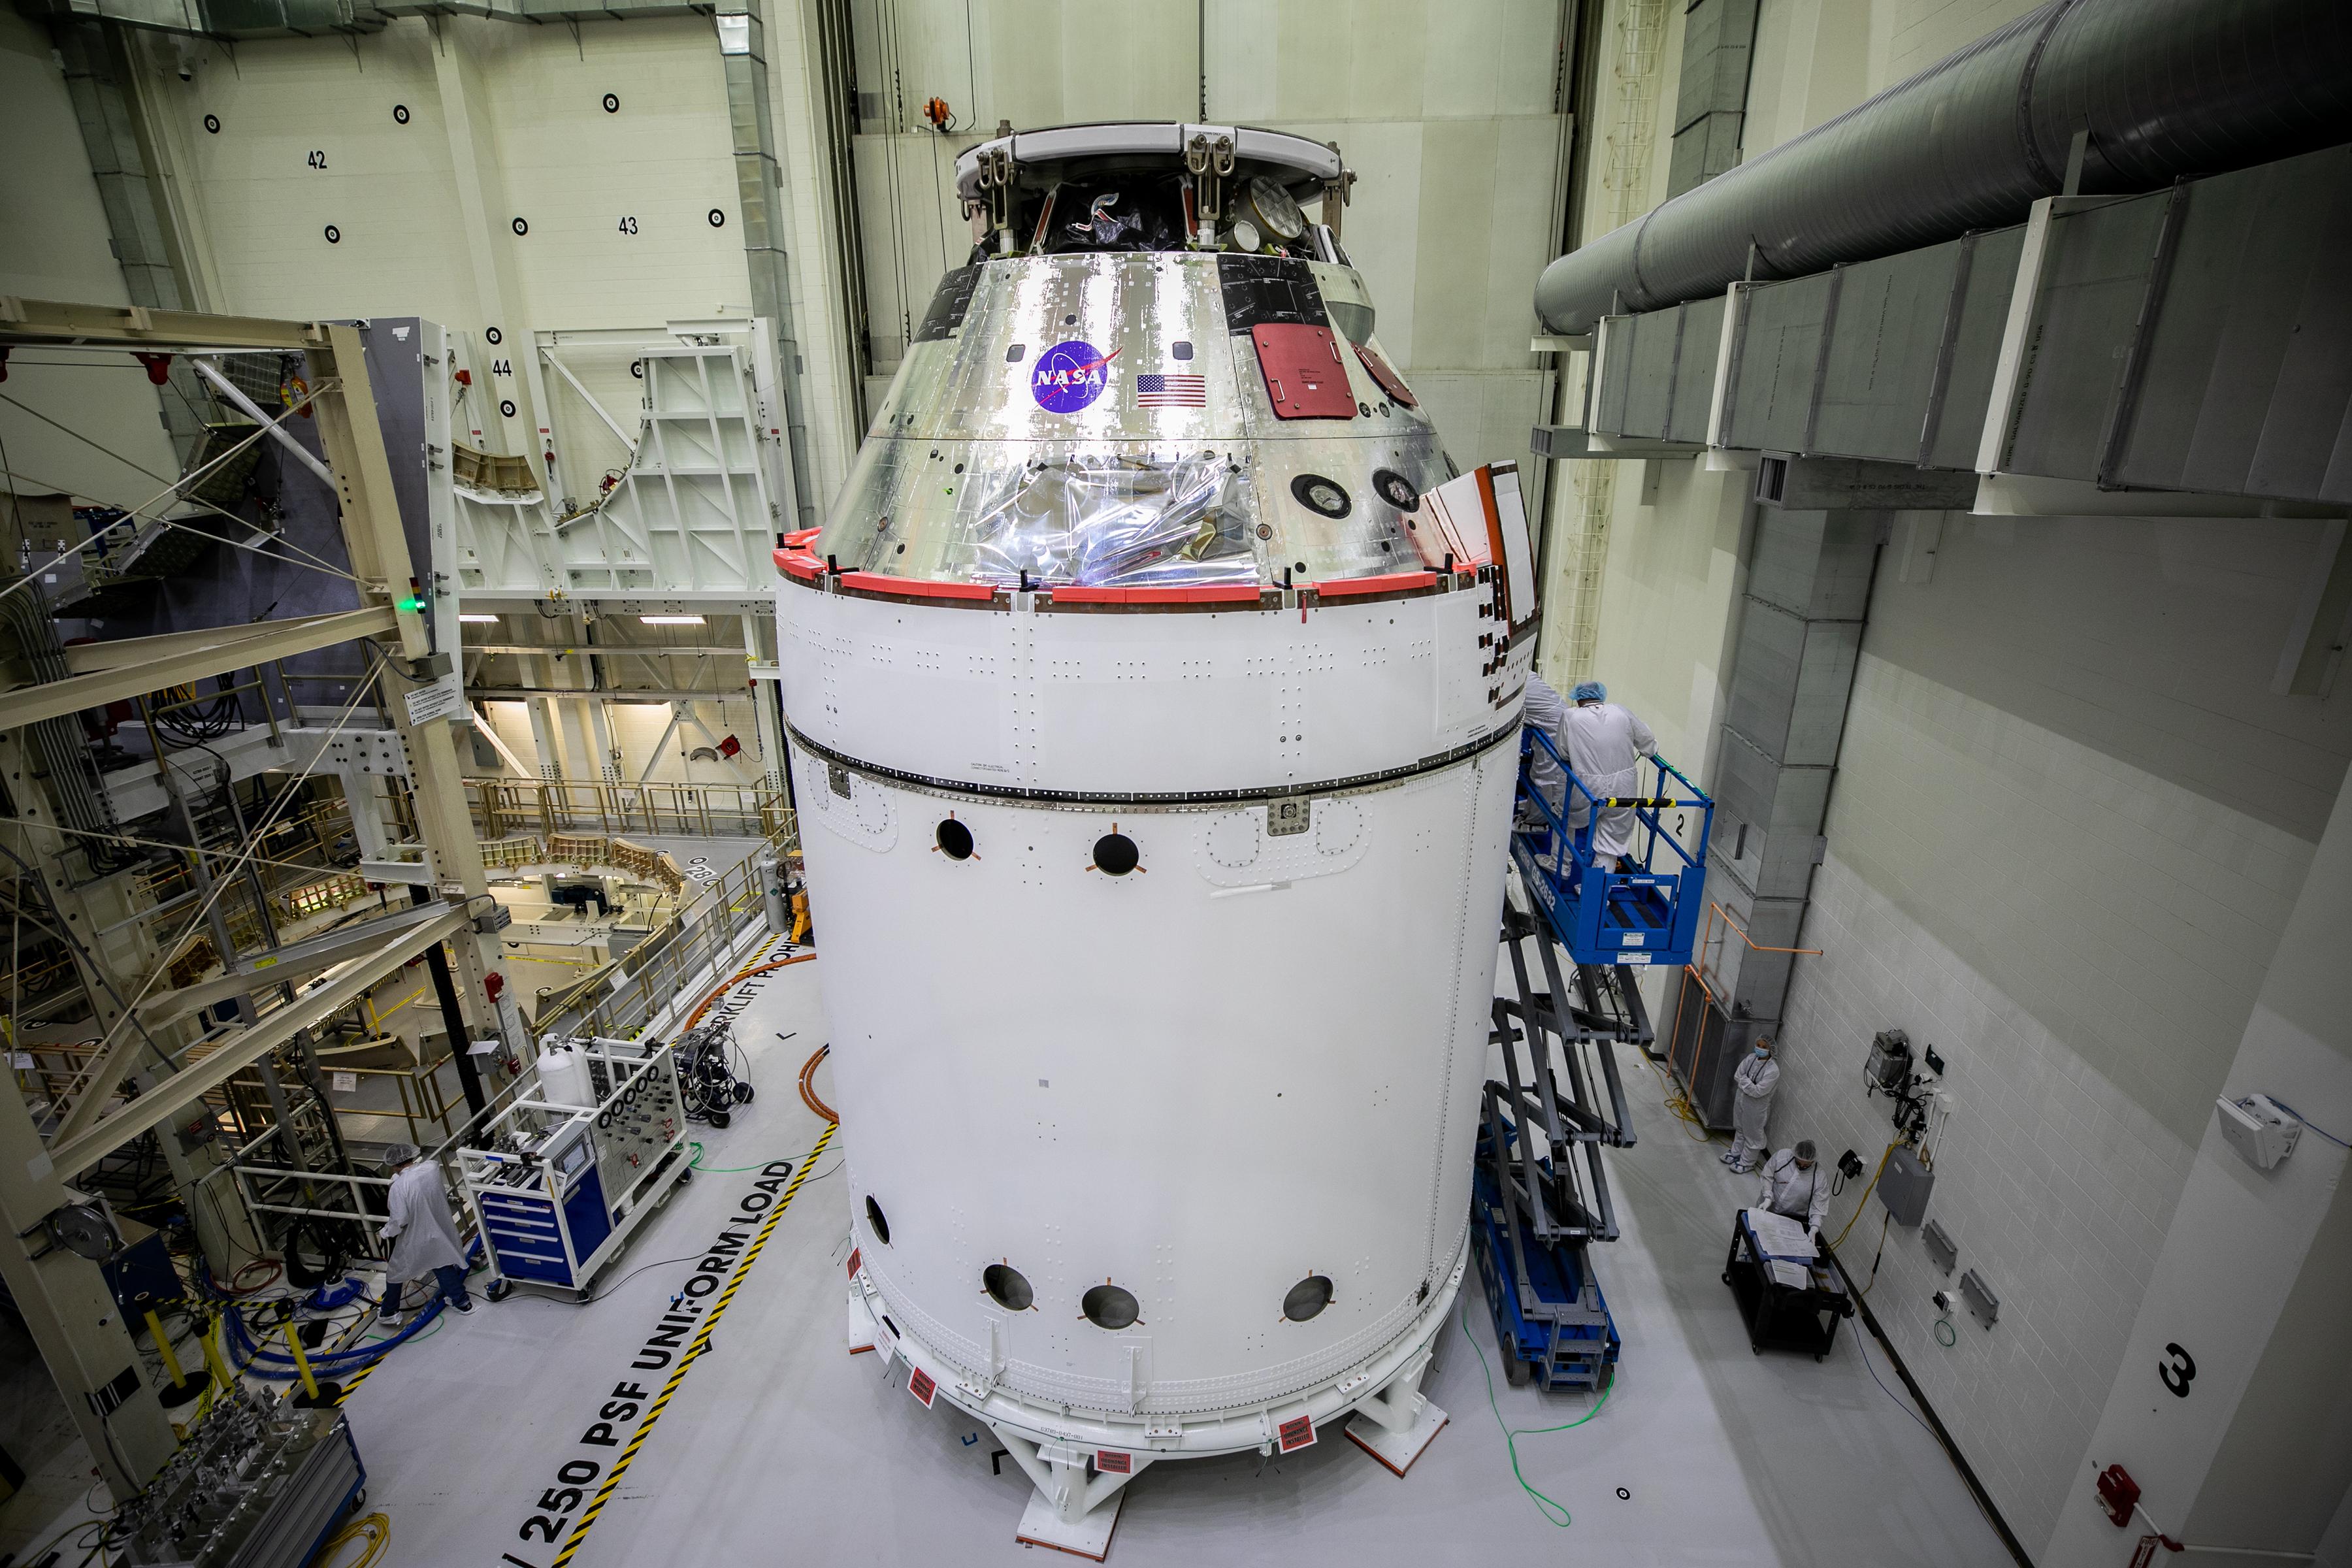 Le vaisseau spatial Orion pour la mission Artemis I de la NASA est en vue à l'intérieur du bâtiment Neil Armstrong Operations and Checkout Building le 28 octobre. Attachés sous Orion se trouvent l'adaptateur de module d'équipage et le module de service européen avec des carénages de largage d'adaptateur de vaisseau spatial installés.